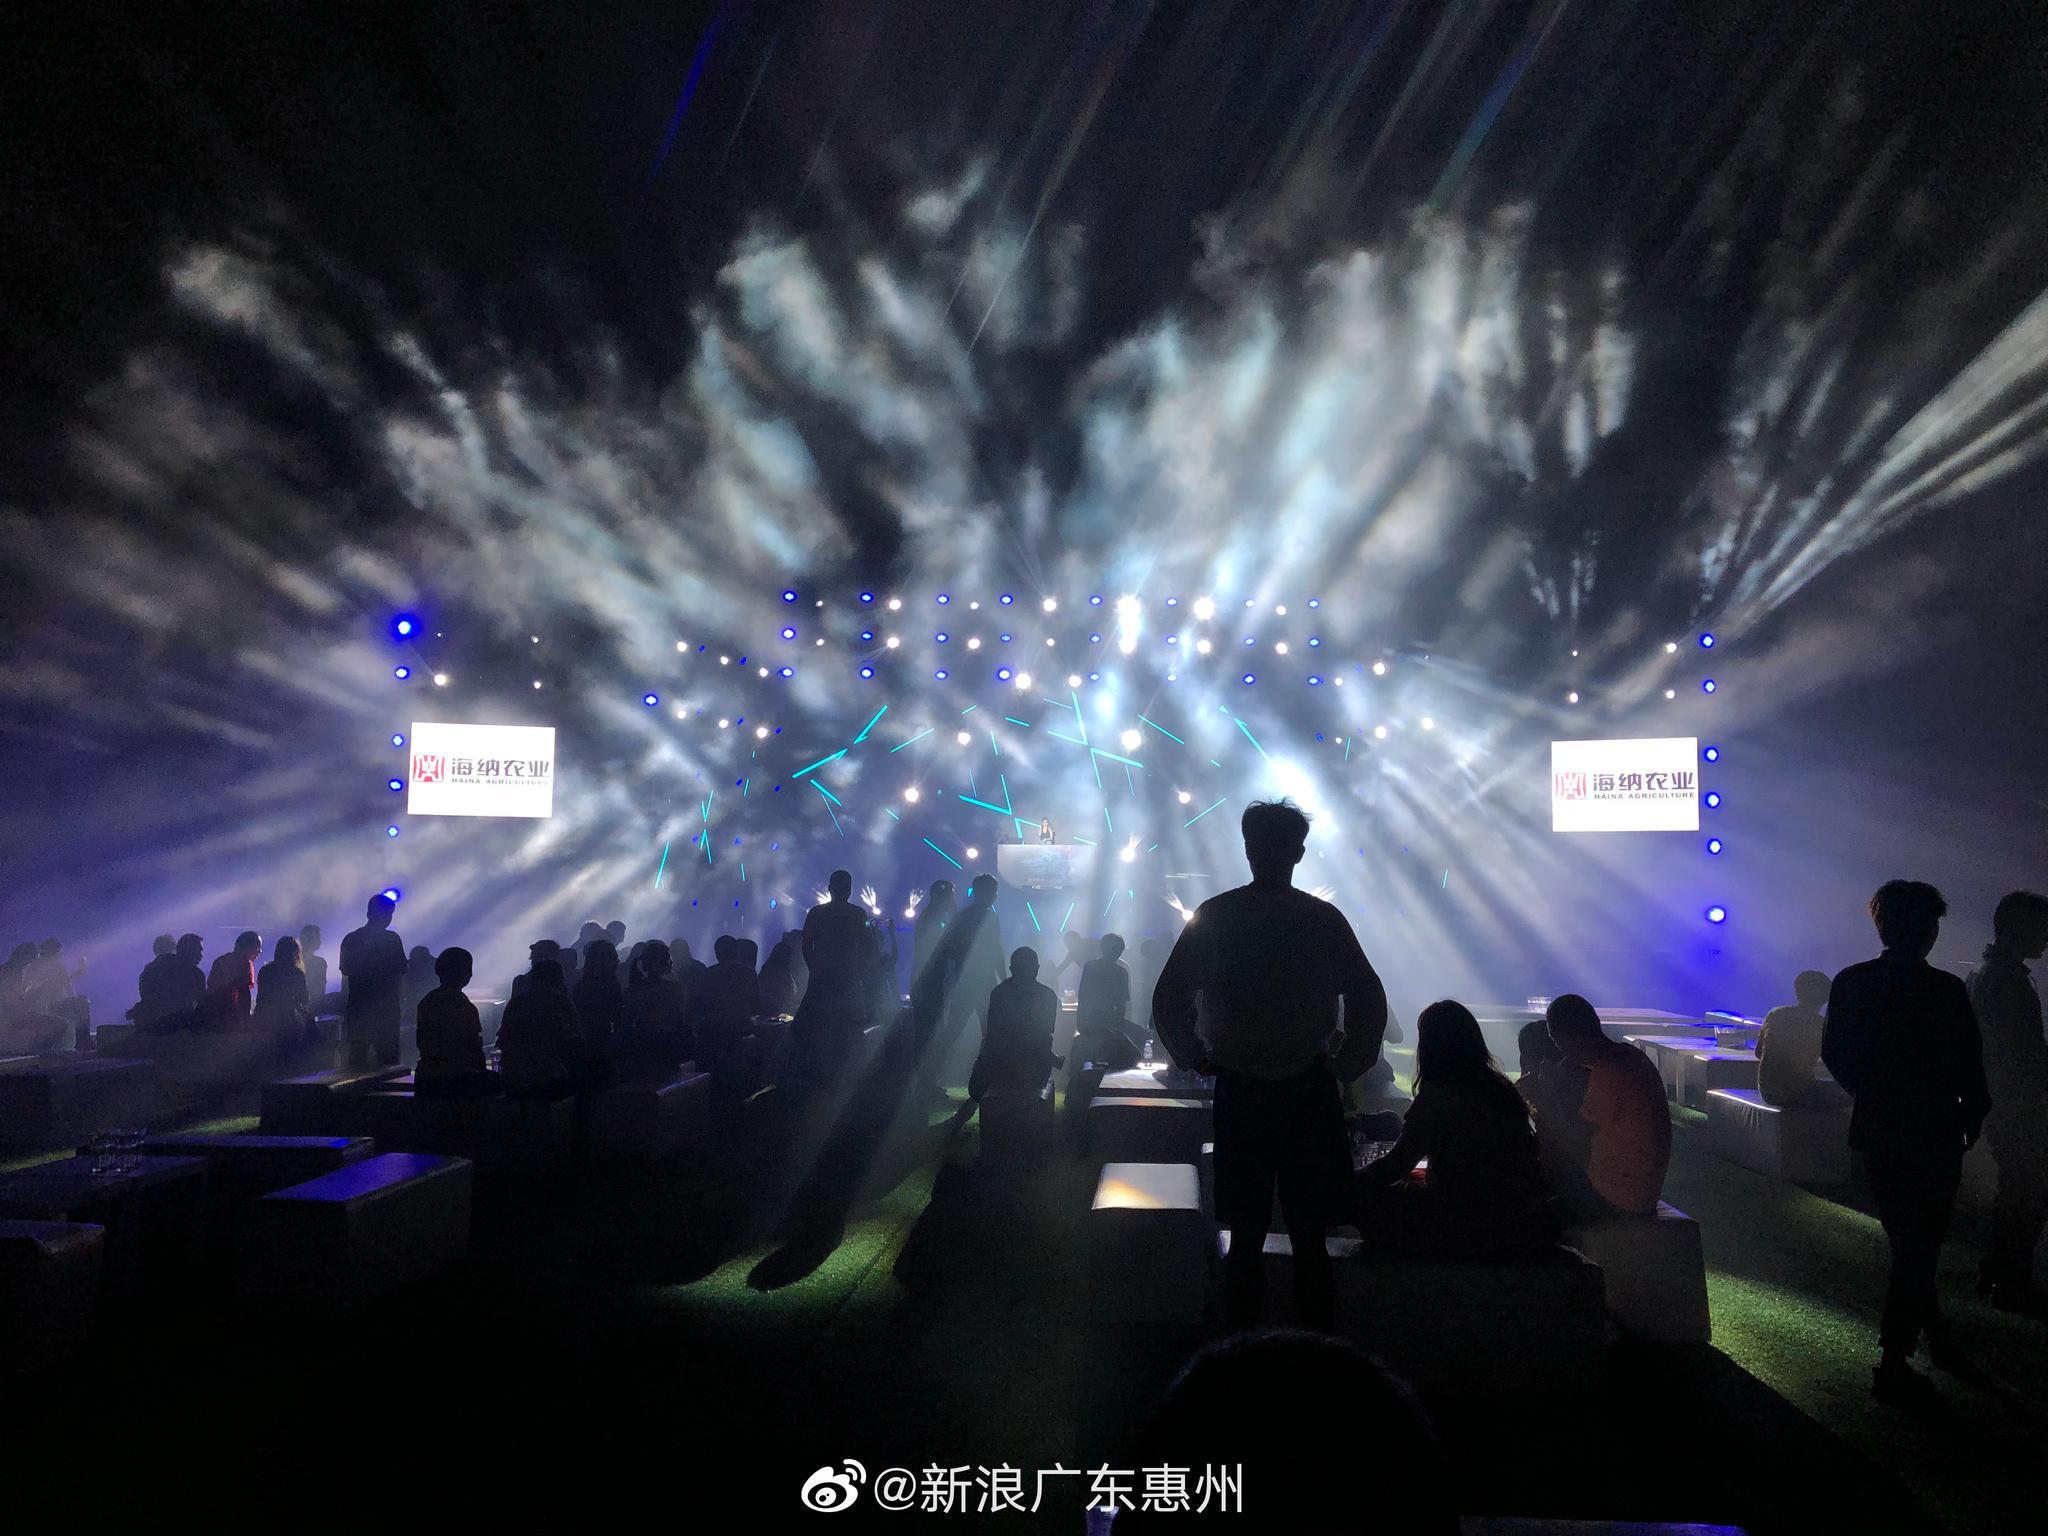 惠州 北极光电音燃爆了!